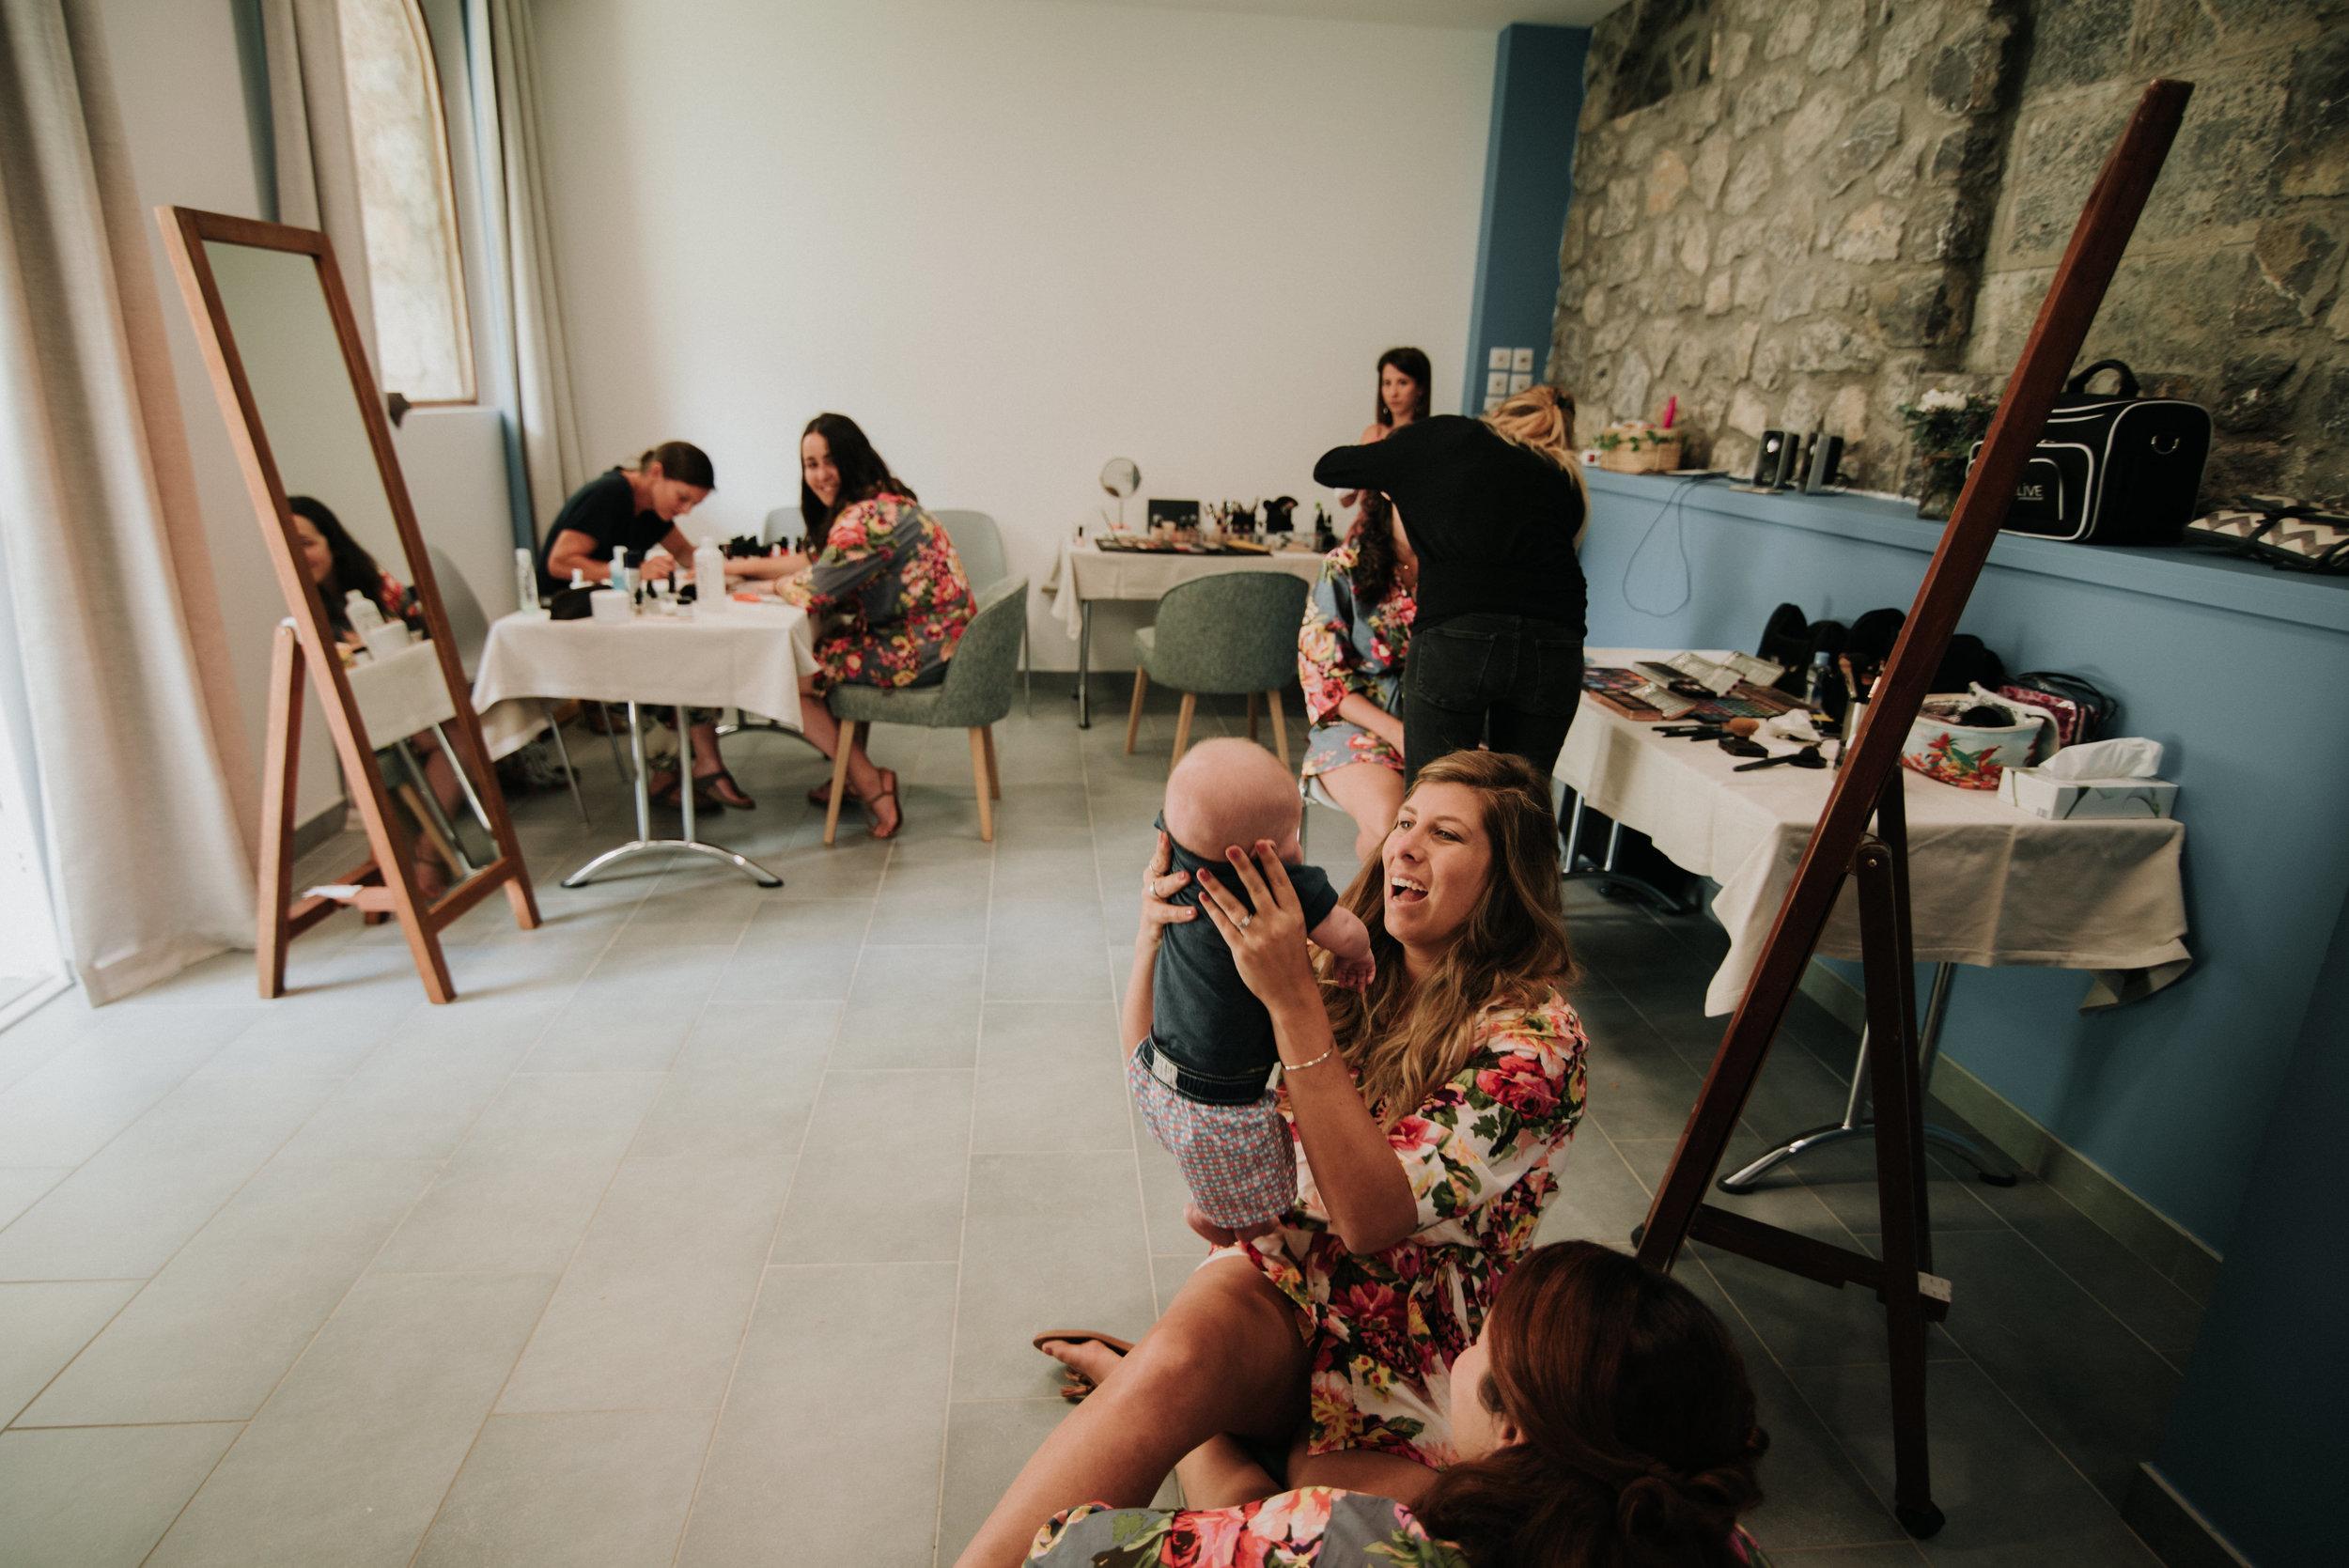 Léa-Fery-photographe-professionnel-lyon-rhone-alpes-portrait-creation-mariage-evenement-evenementiel-famille-2-14.jpg